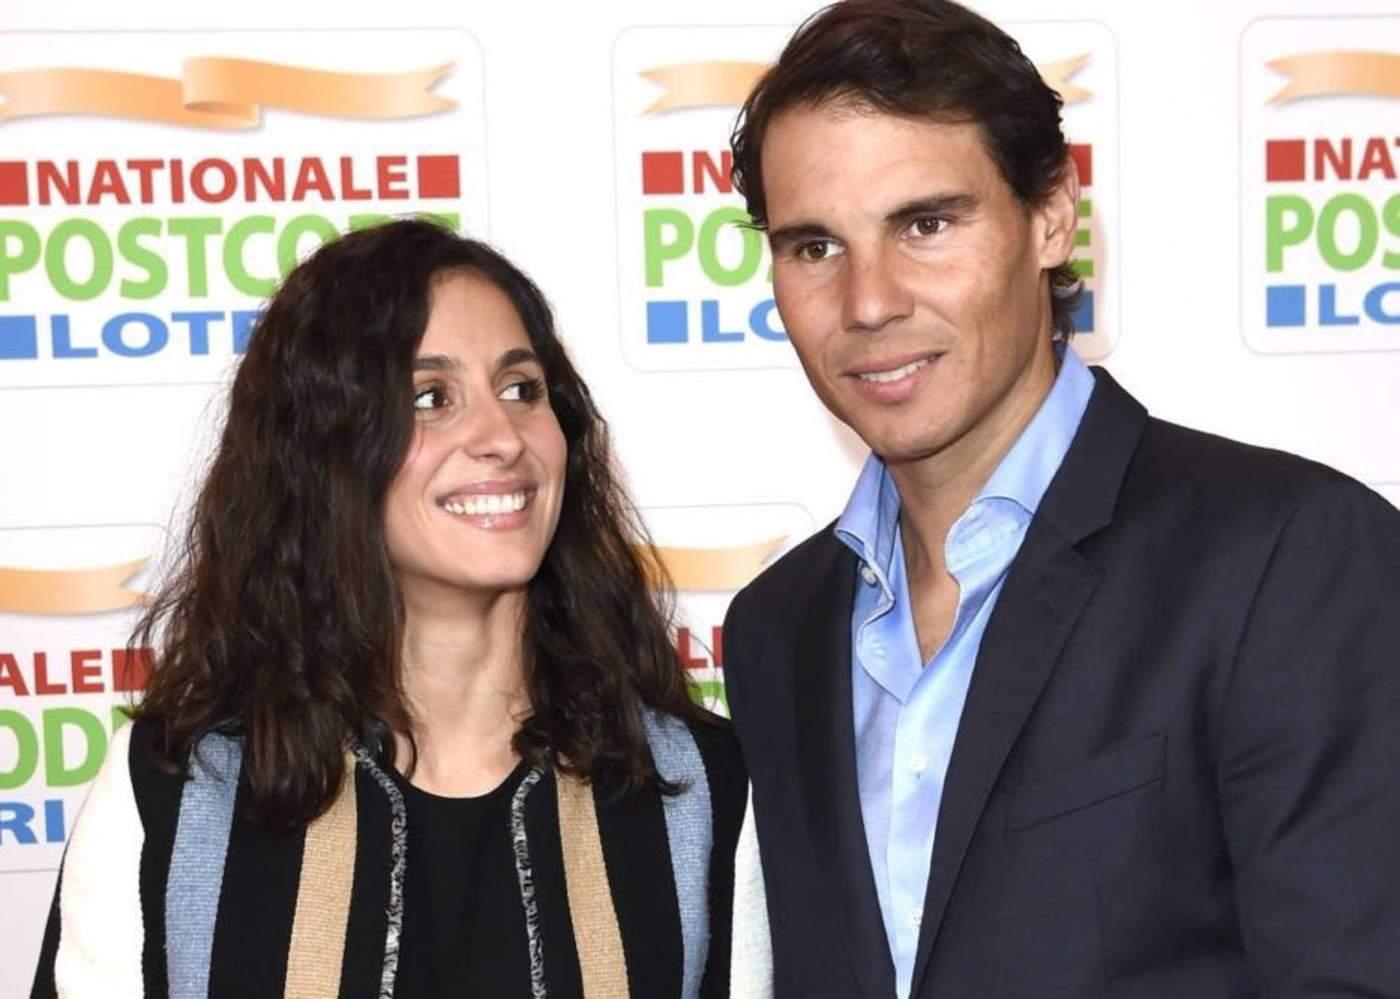 Quien Es La Futura Esposa Del Tenista Rafael Nadal El Siglo De Torreon